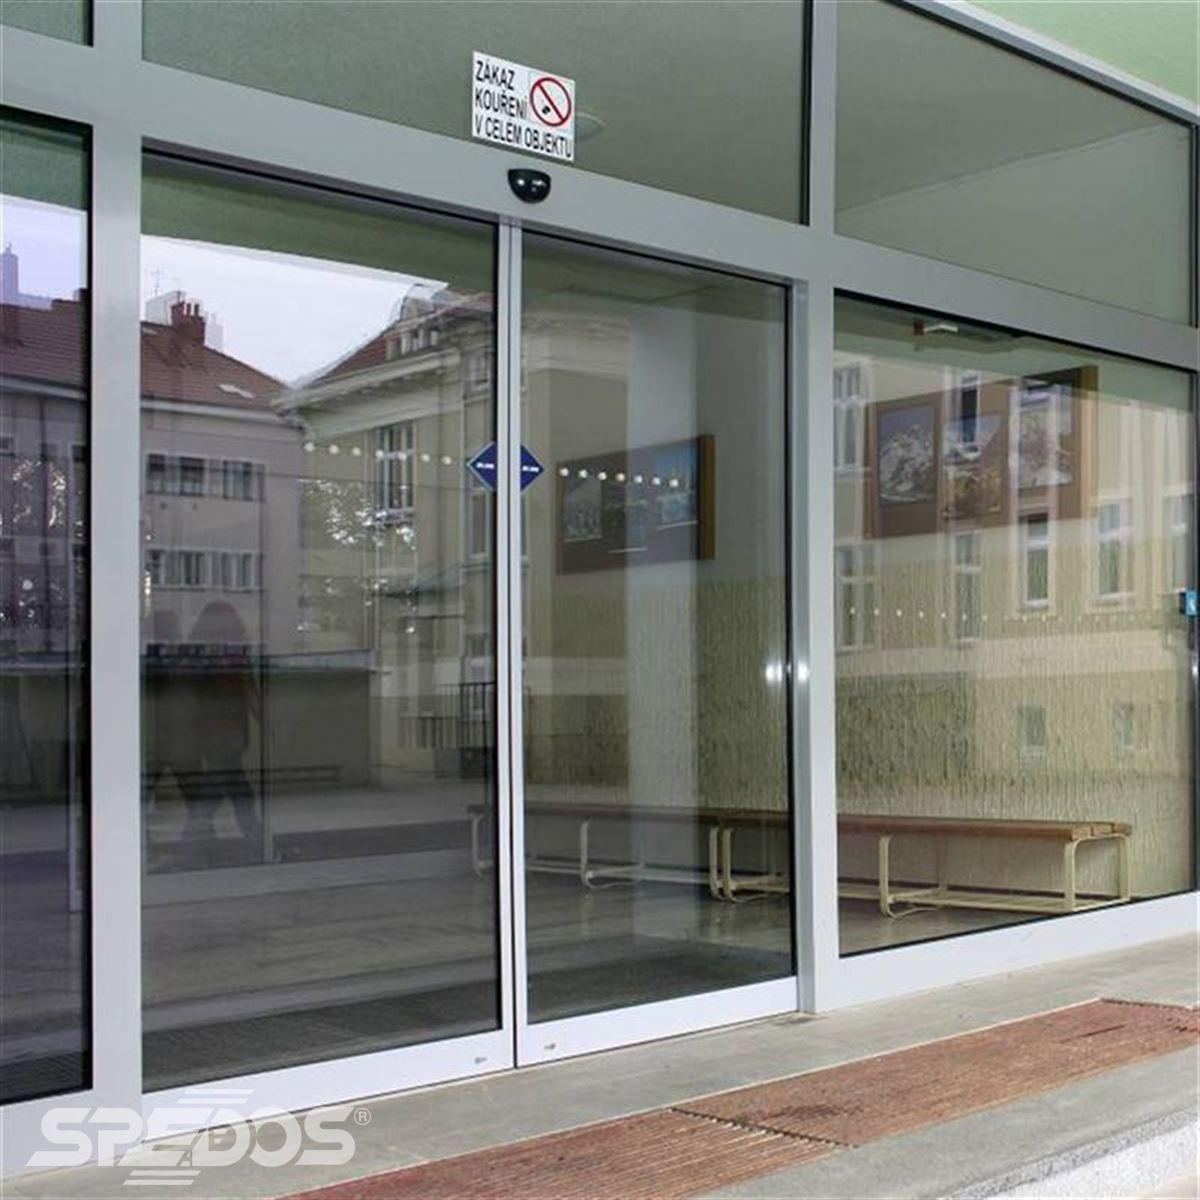 Dvoukřídlé automatické dveře posuvné v základní škole 3